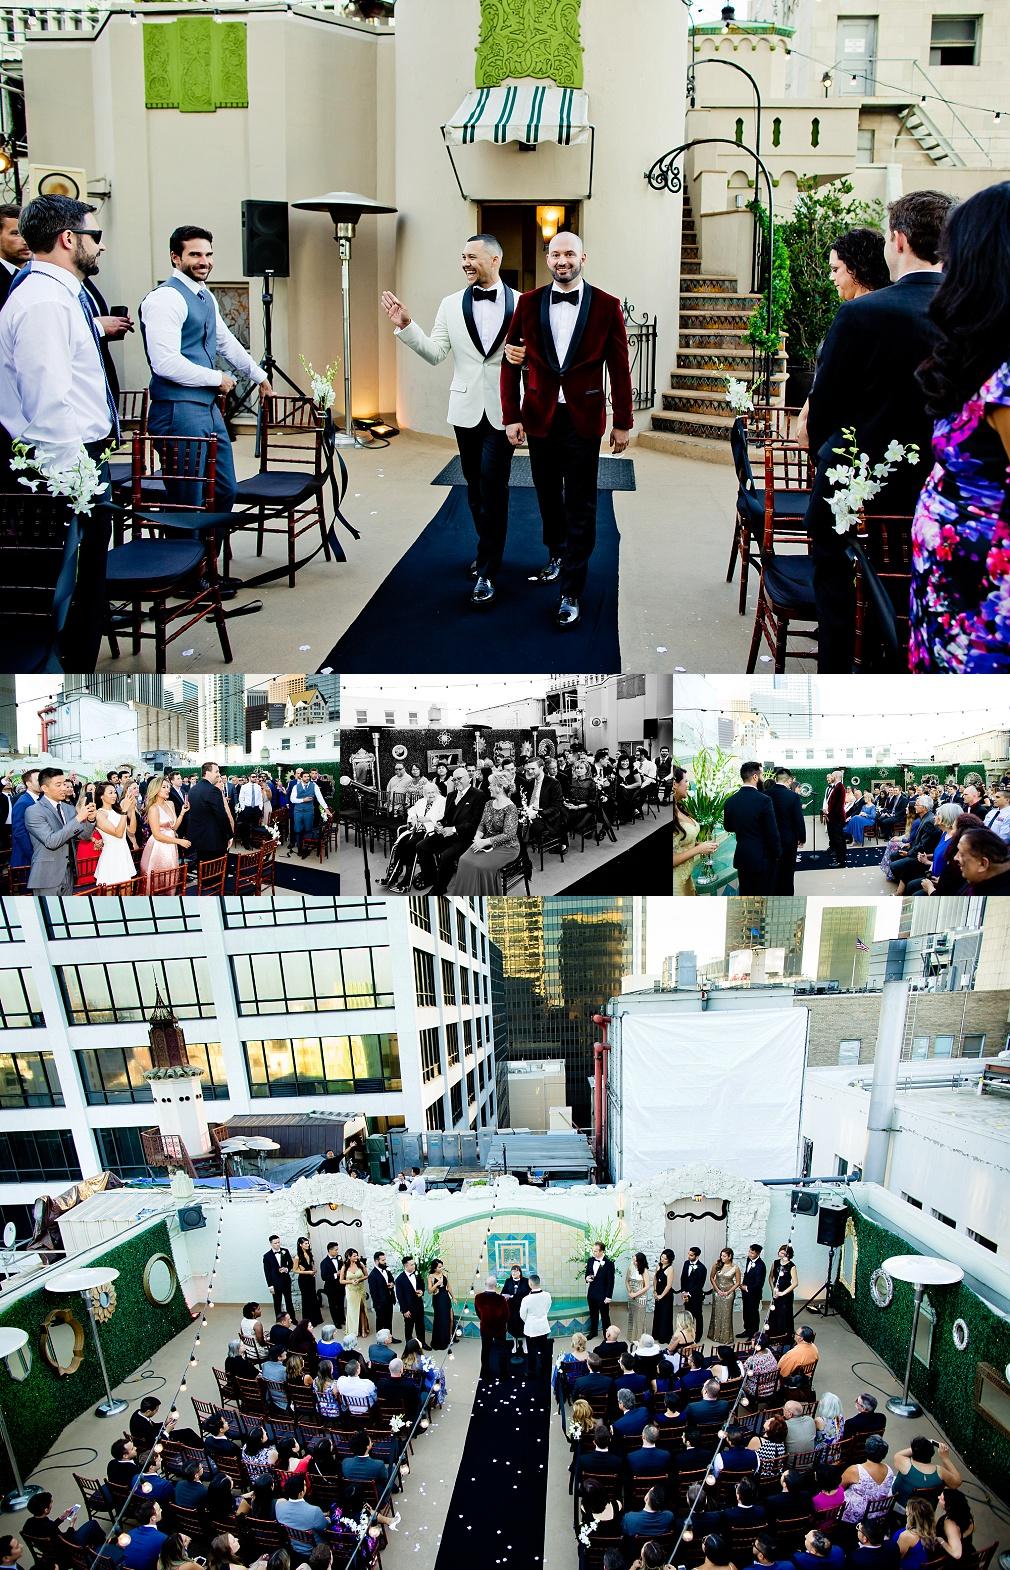 Oviatt Penthouse reception